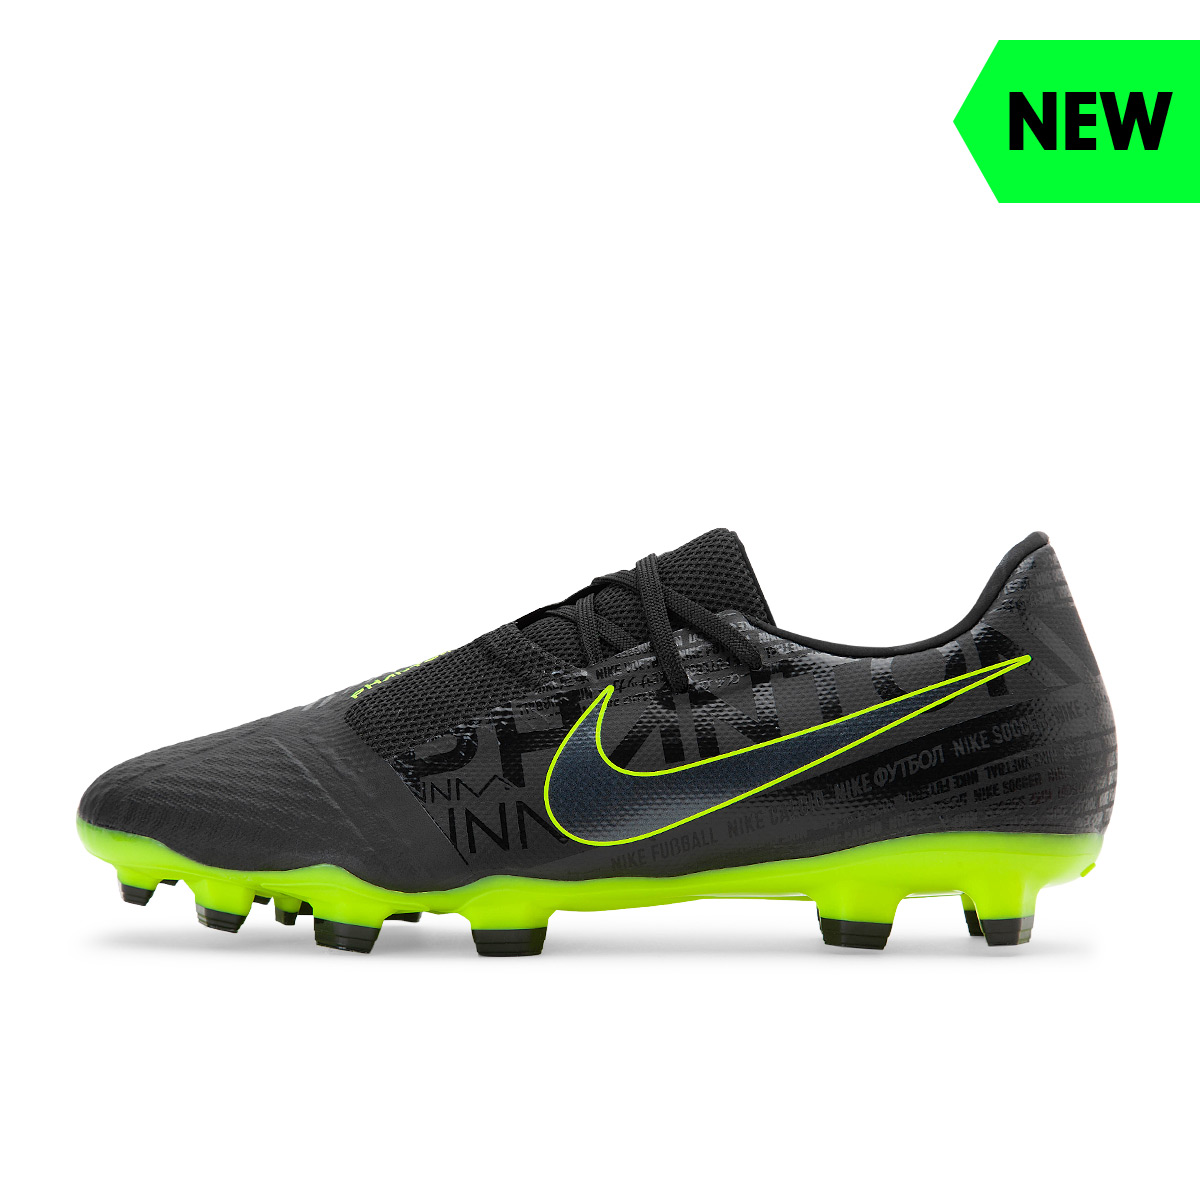 nike - อาริฟุตบอลออนไลน์สโตร์ – สินค้ารองเท้าฟุตบอล รองเท้าสตั๊ด